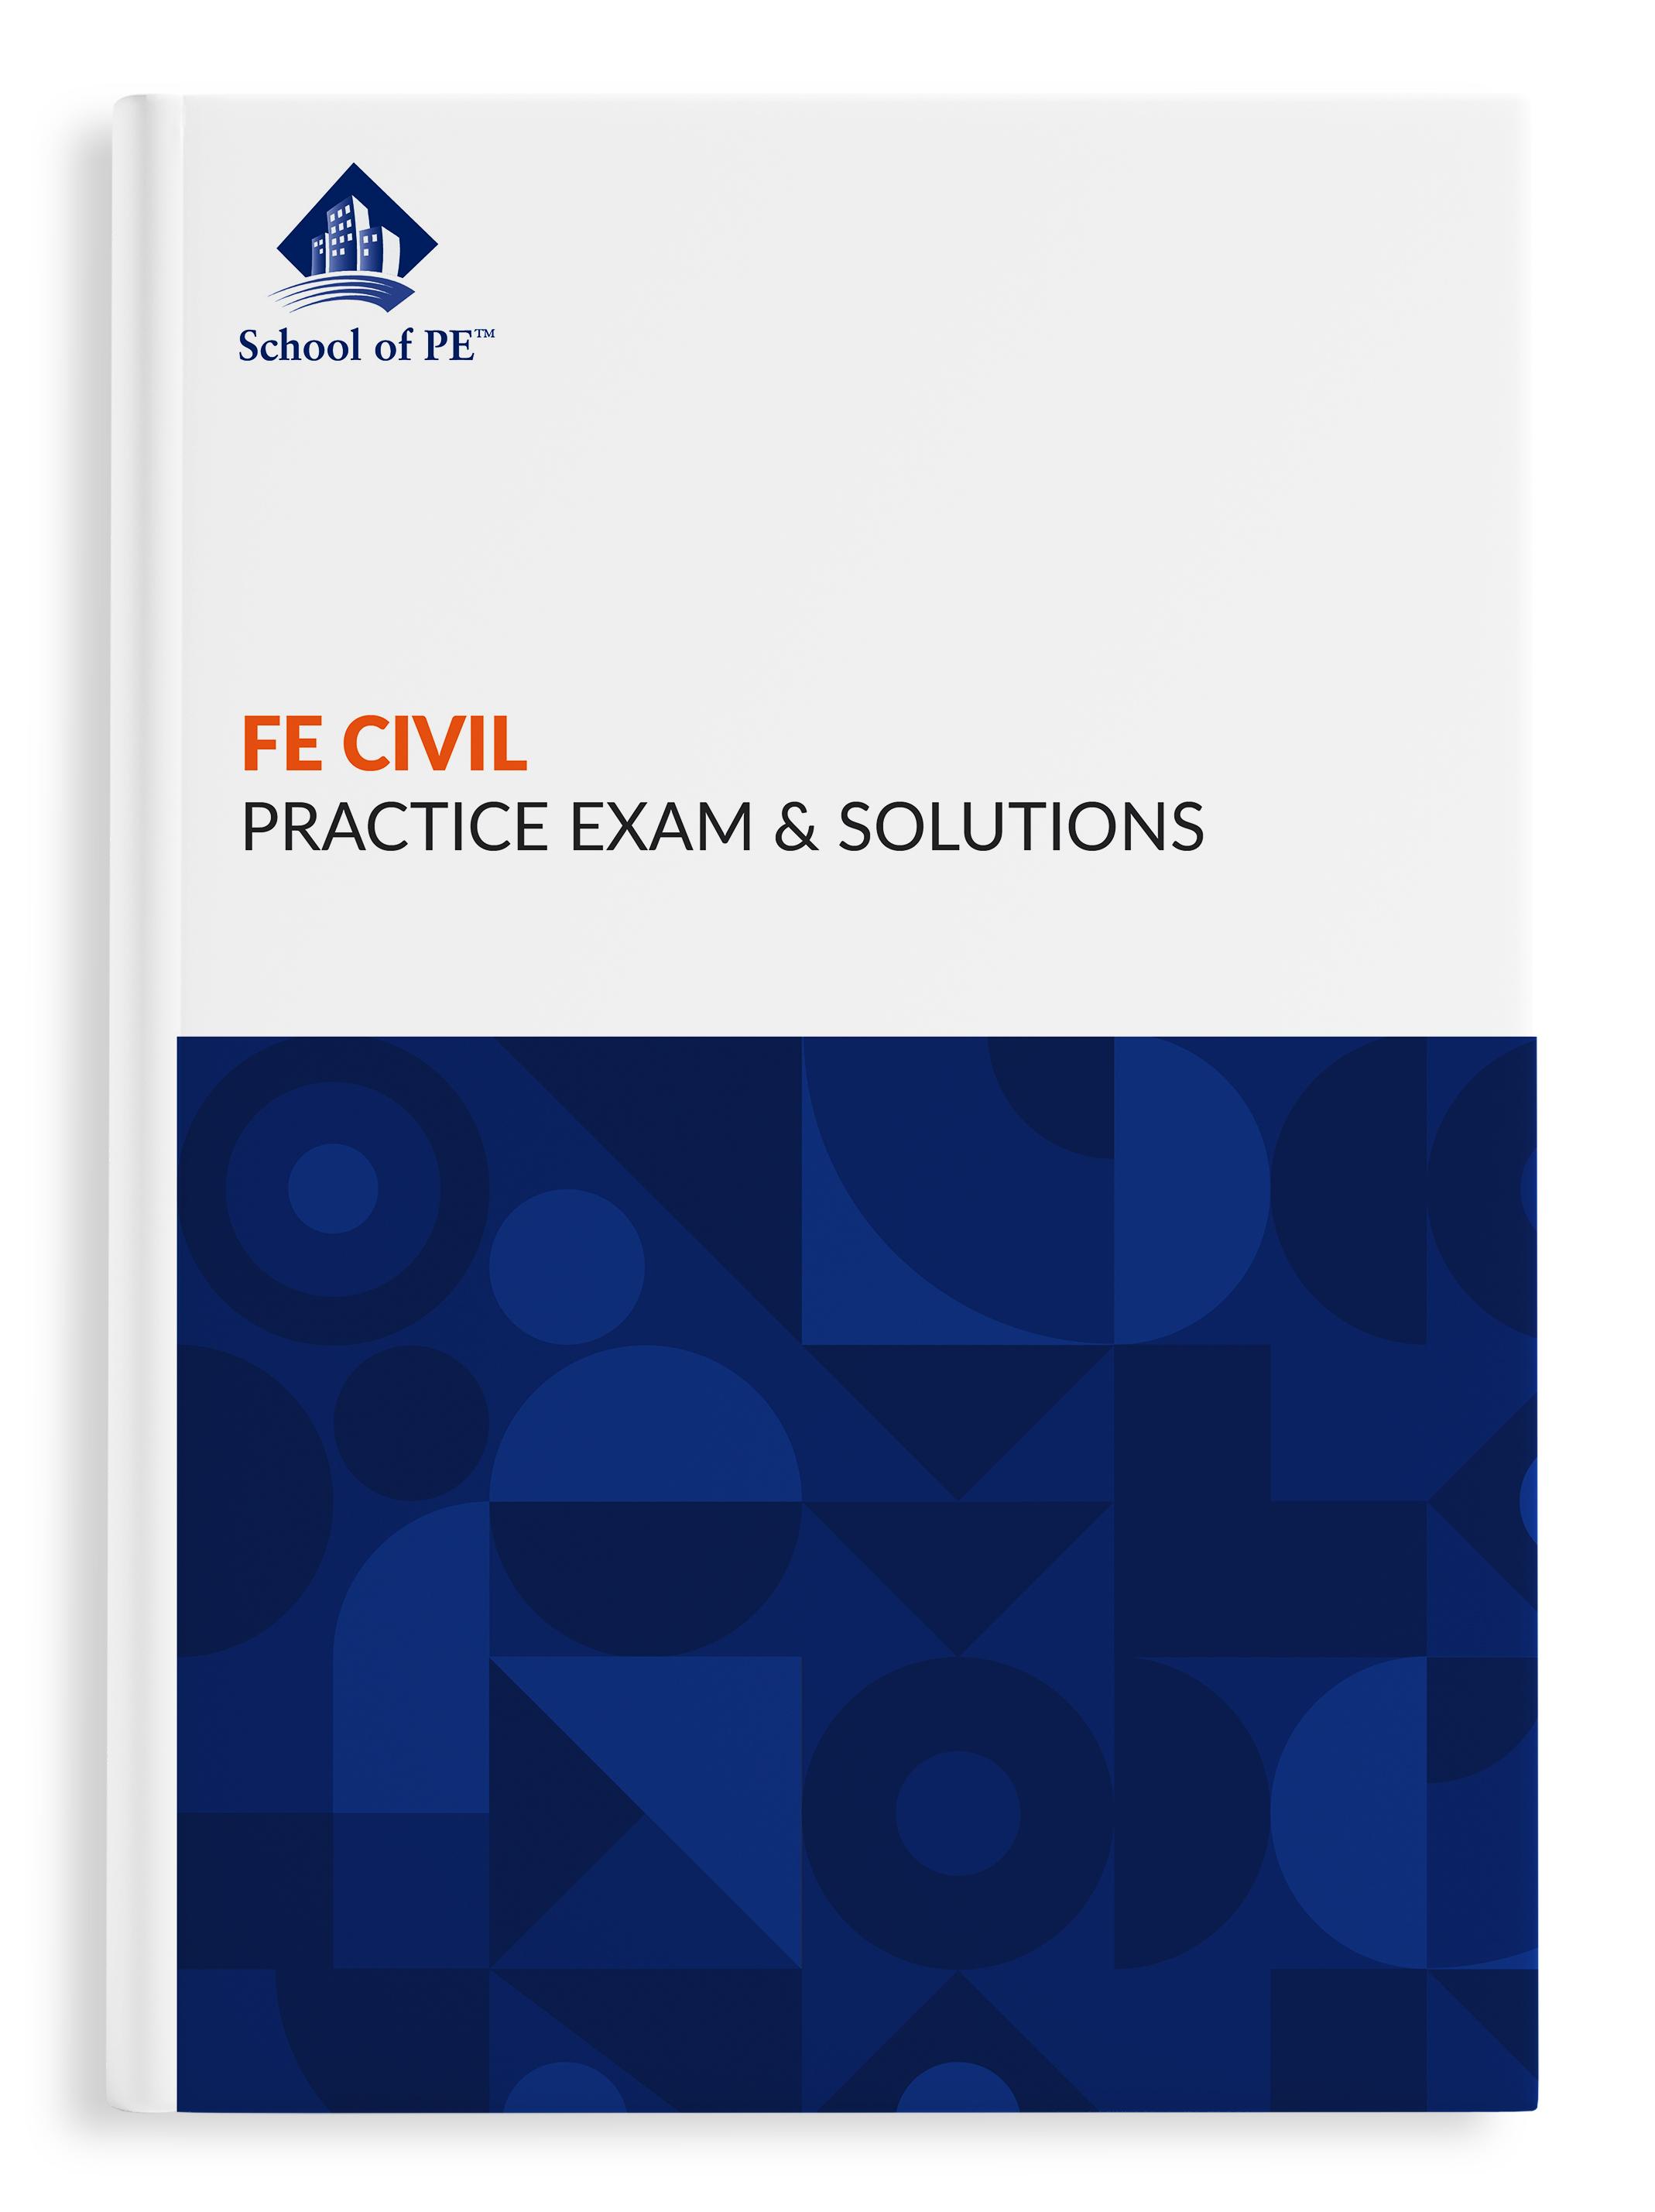 FE民事实践考试和解决方案